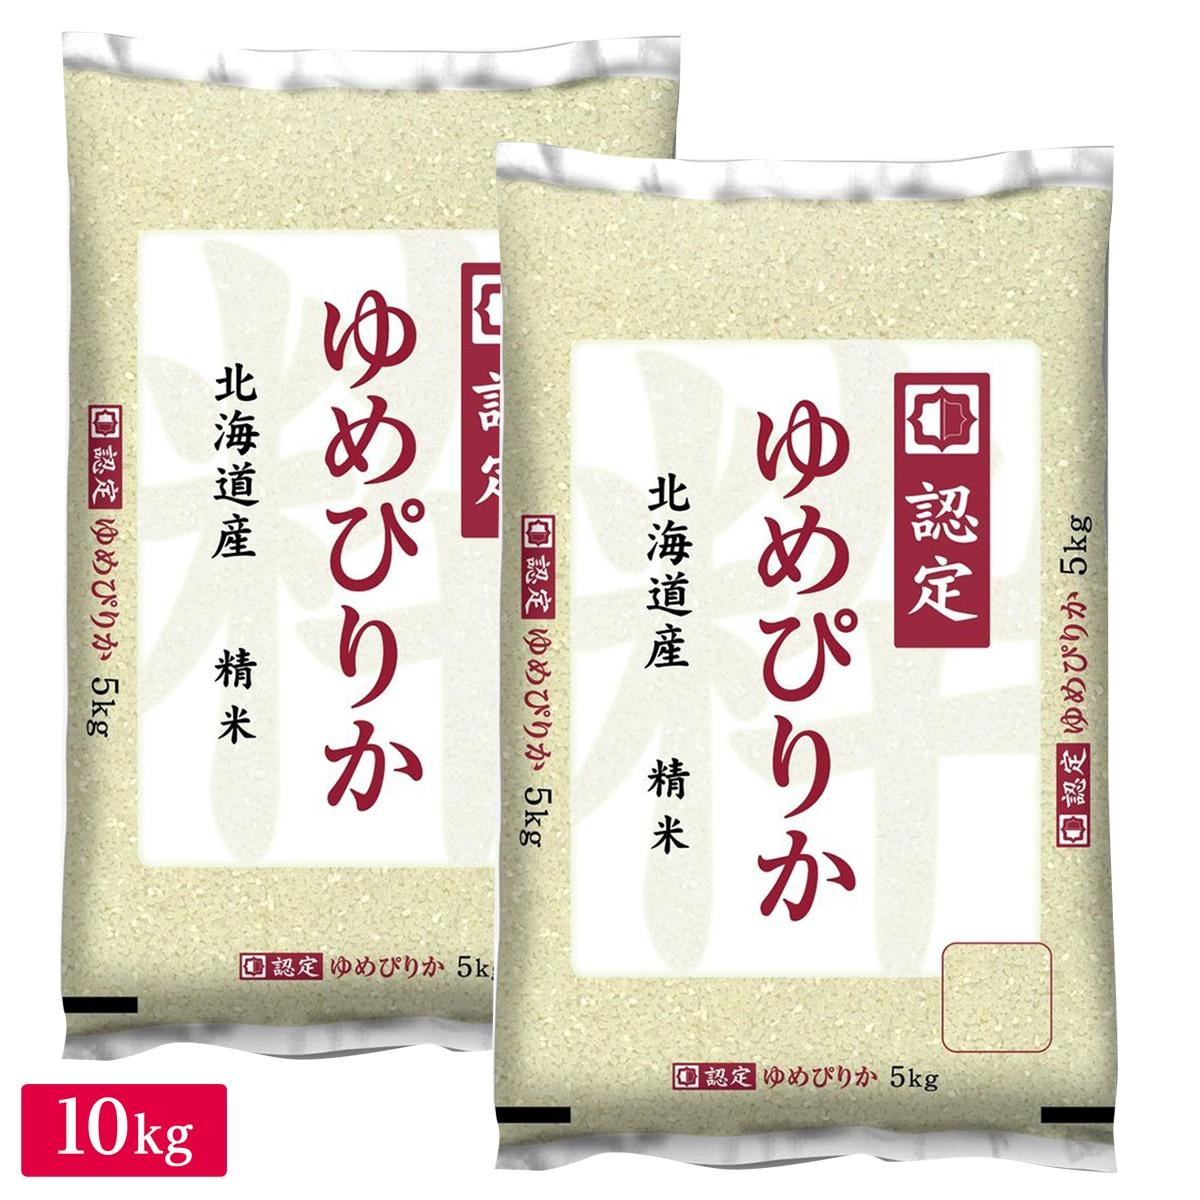 むらせライス ■【精米】新米 令和2年産 北海道産 ゆめぴりか 10kg(5kg×2袋) 25690